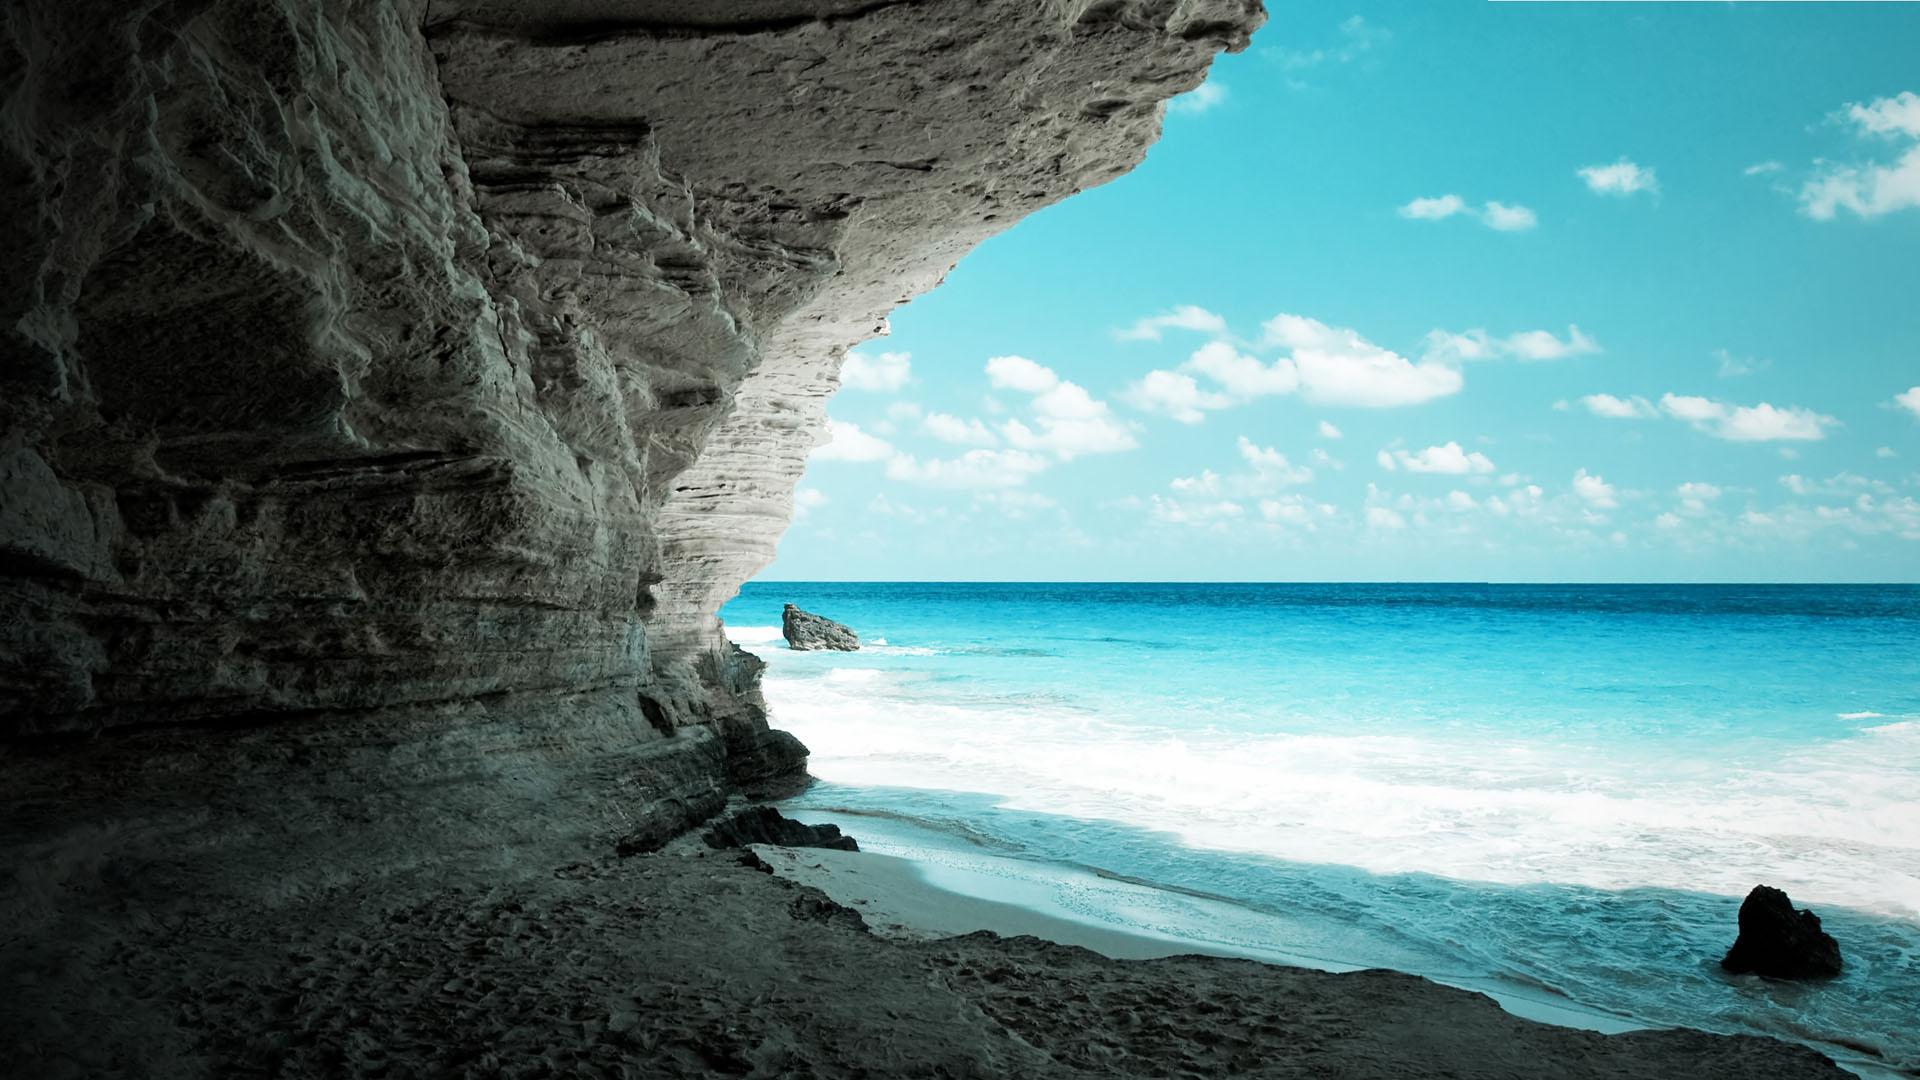 hd Beach Wallpapers 1080p wallpaper hd Beach Wallpapers 1080p hd 1920x1080